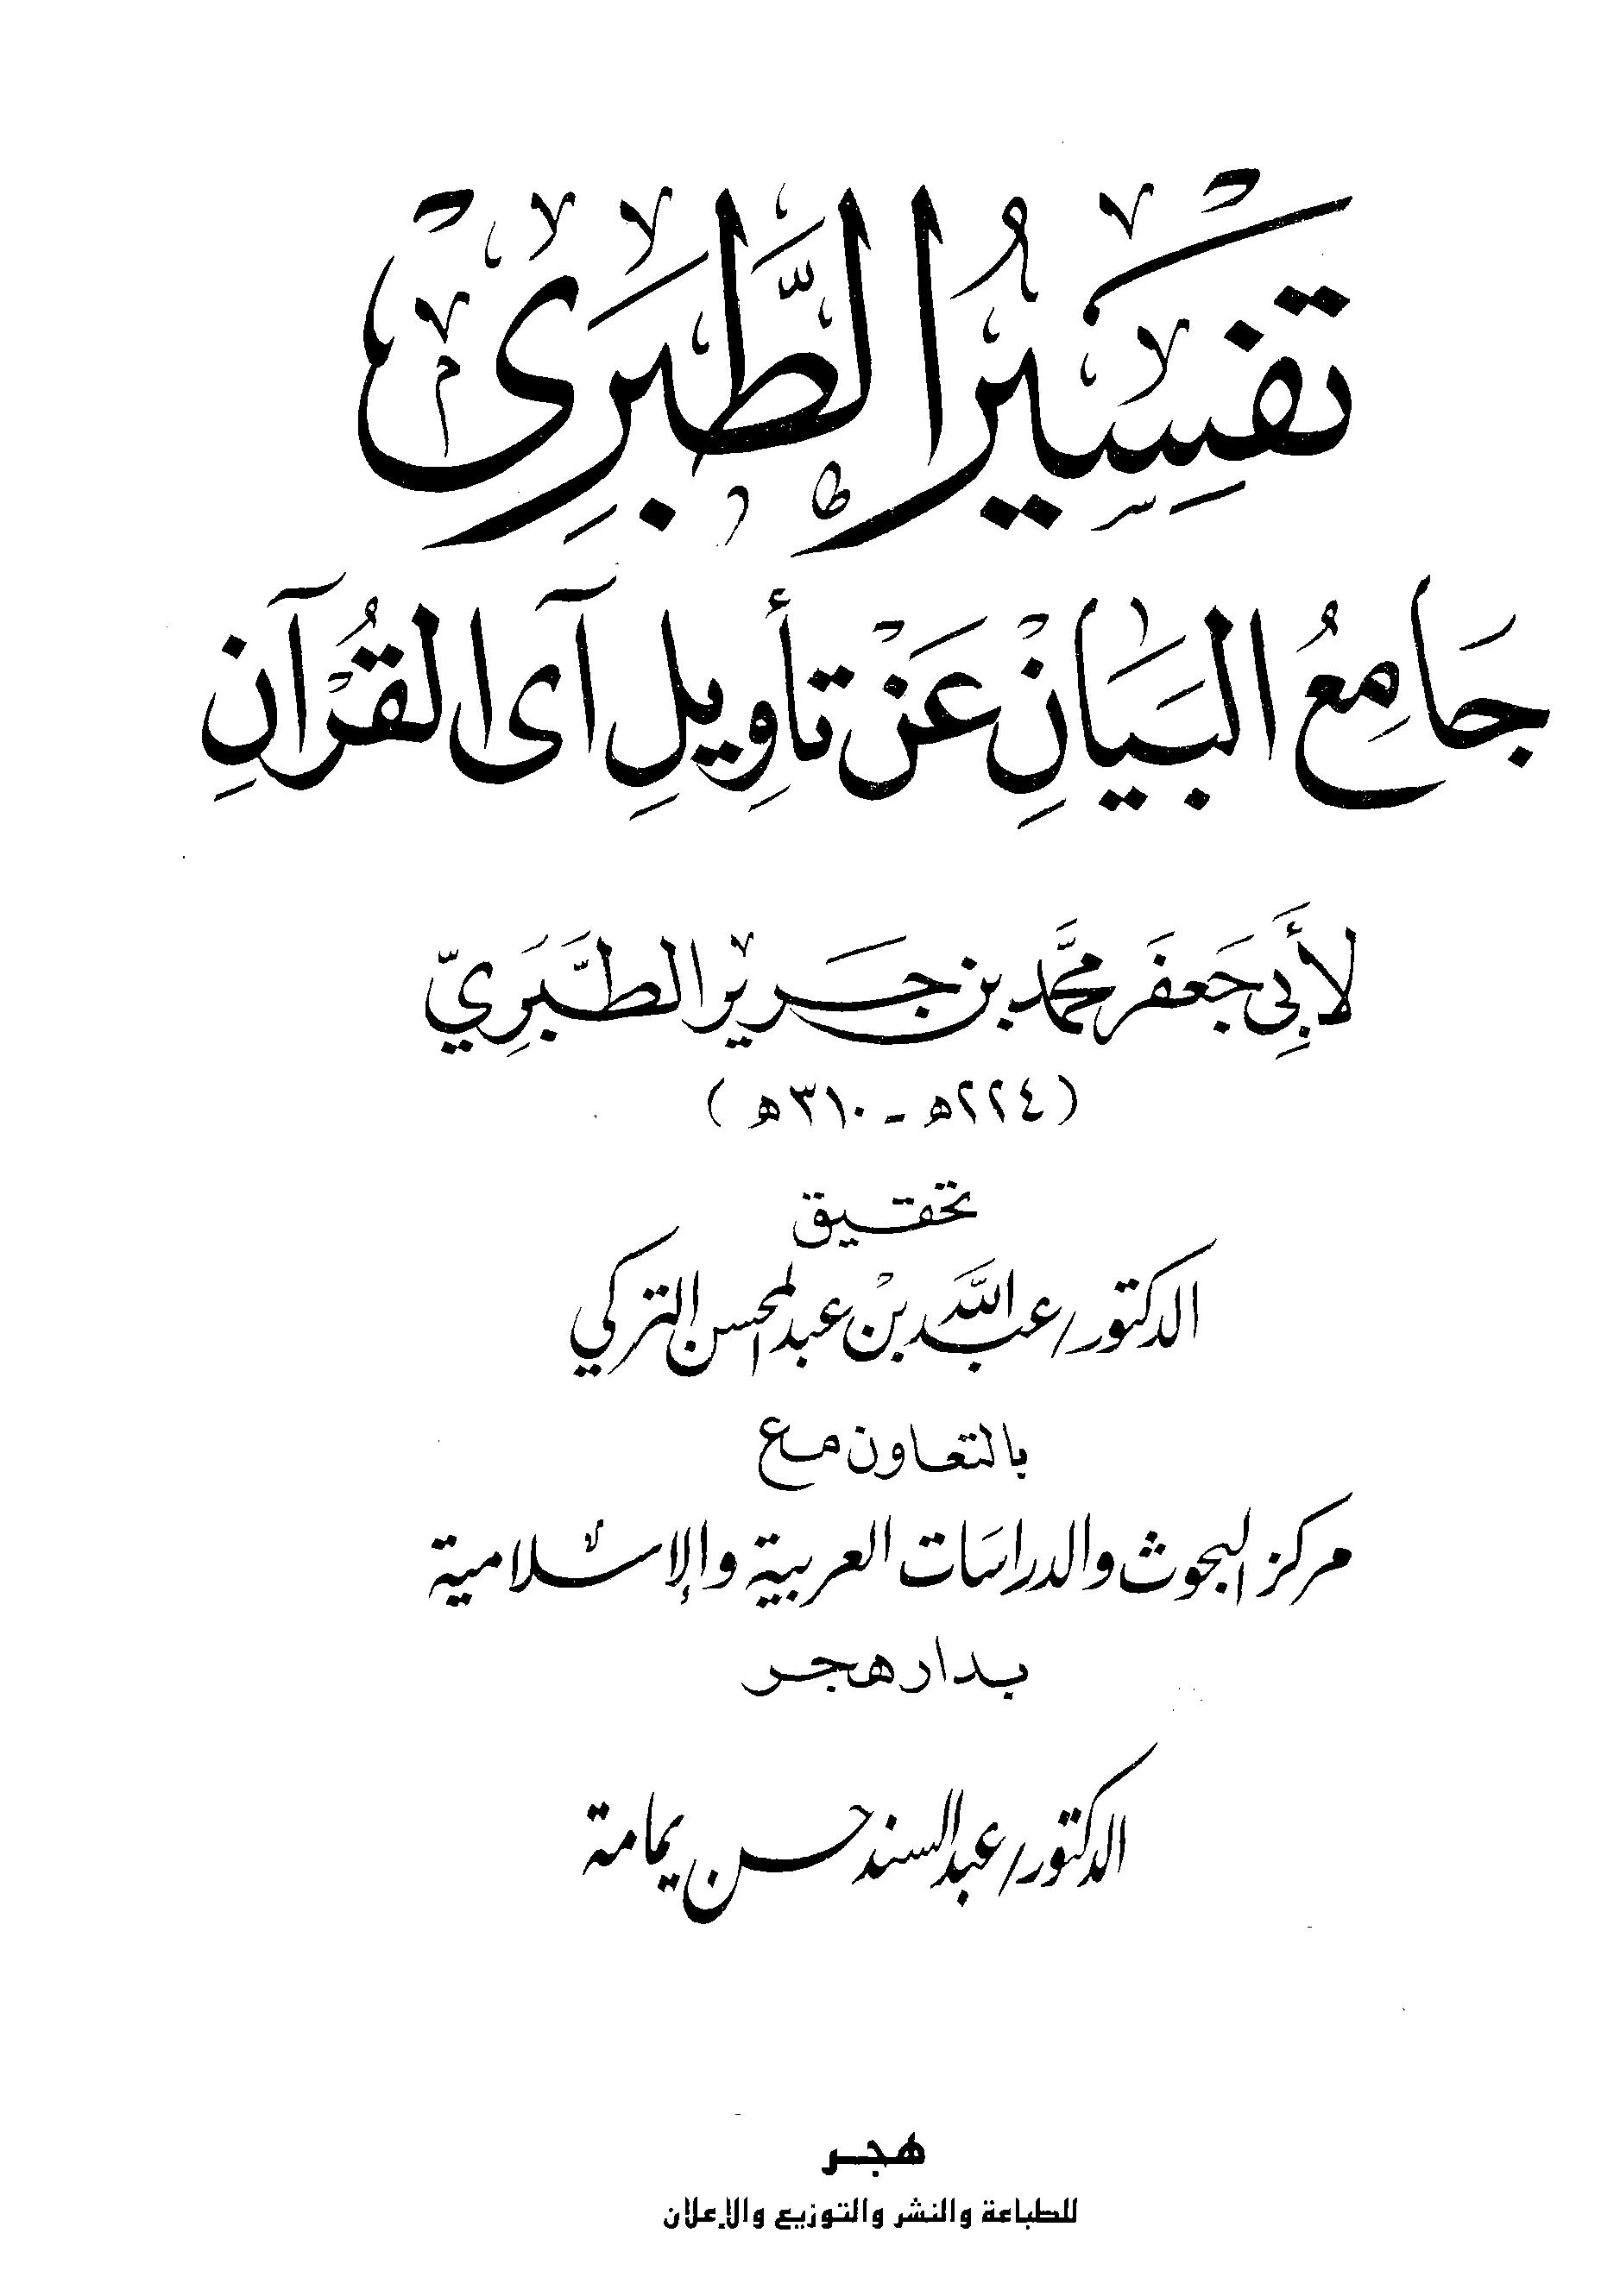 ❞ كتاب  تفسير الطبري من كتابه جامع البيان عن تأويل آي القرآن ❝